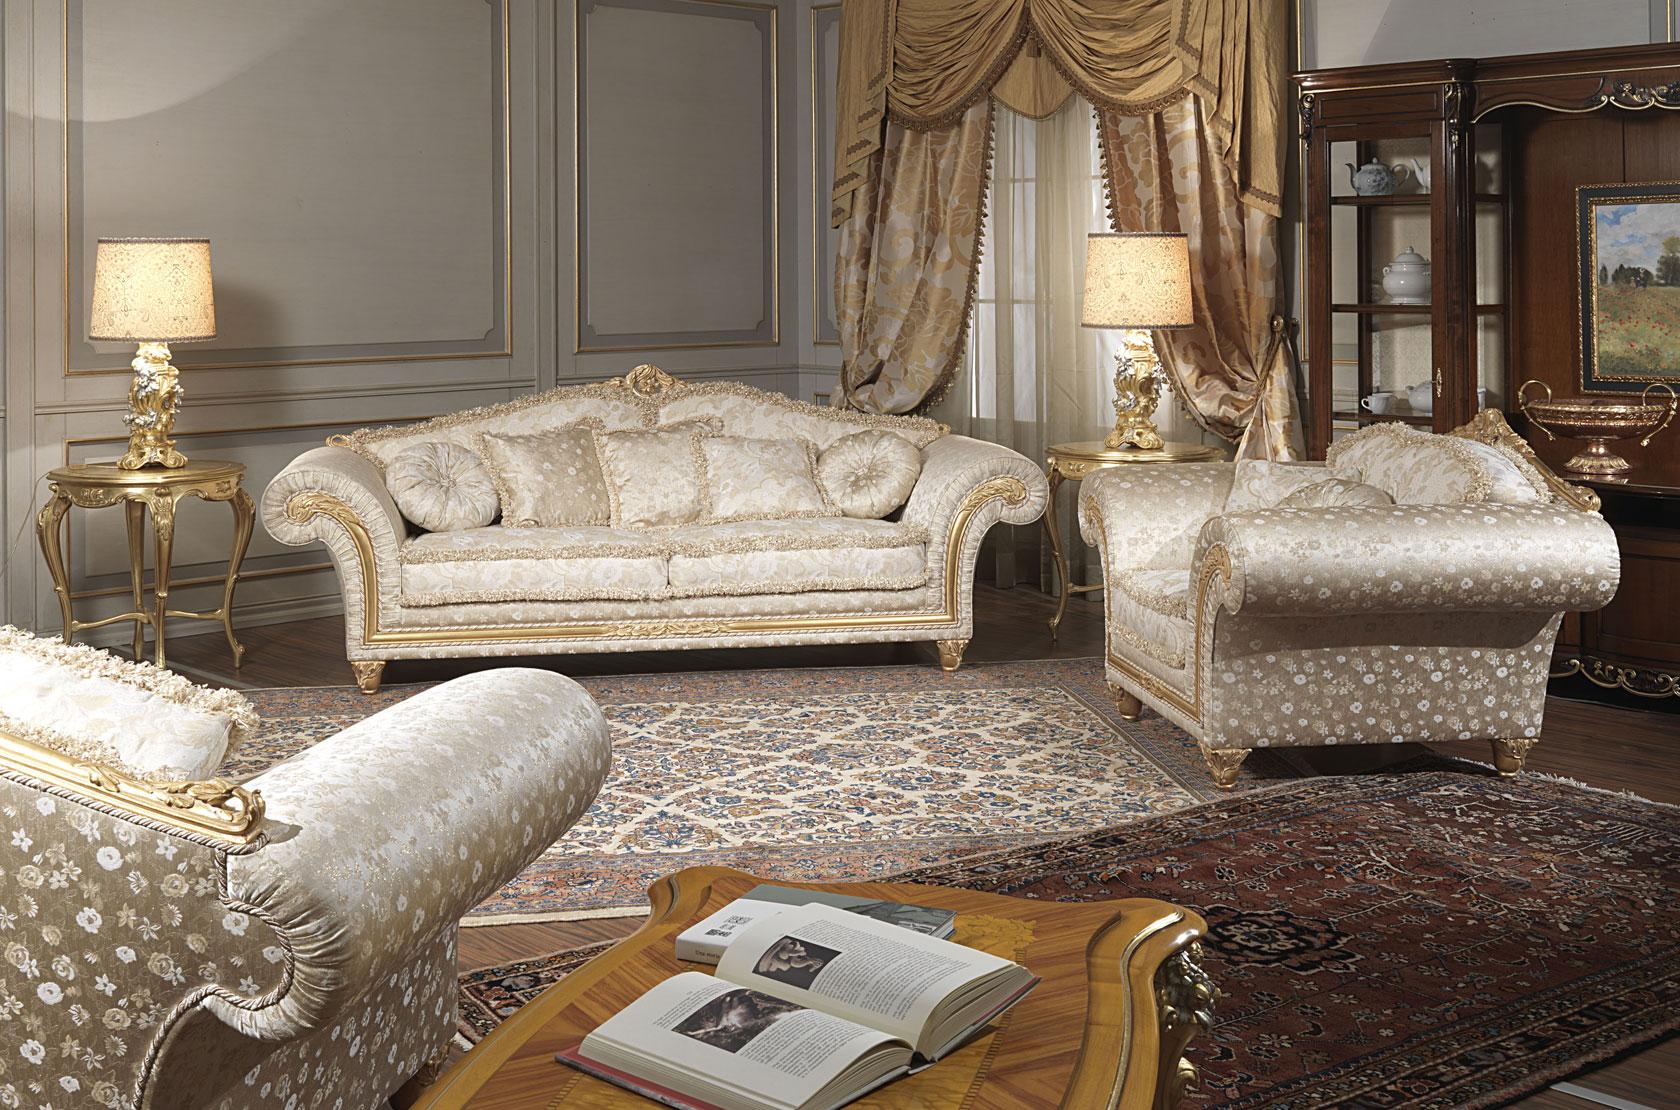 Salotto classico Imperial in stoffa fiorata  Vimercati Meda